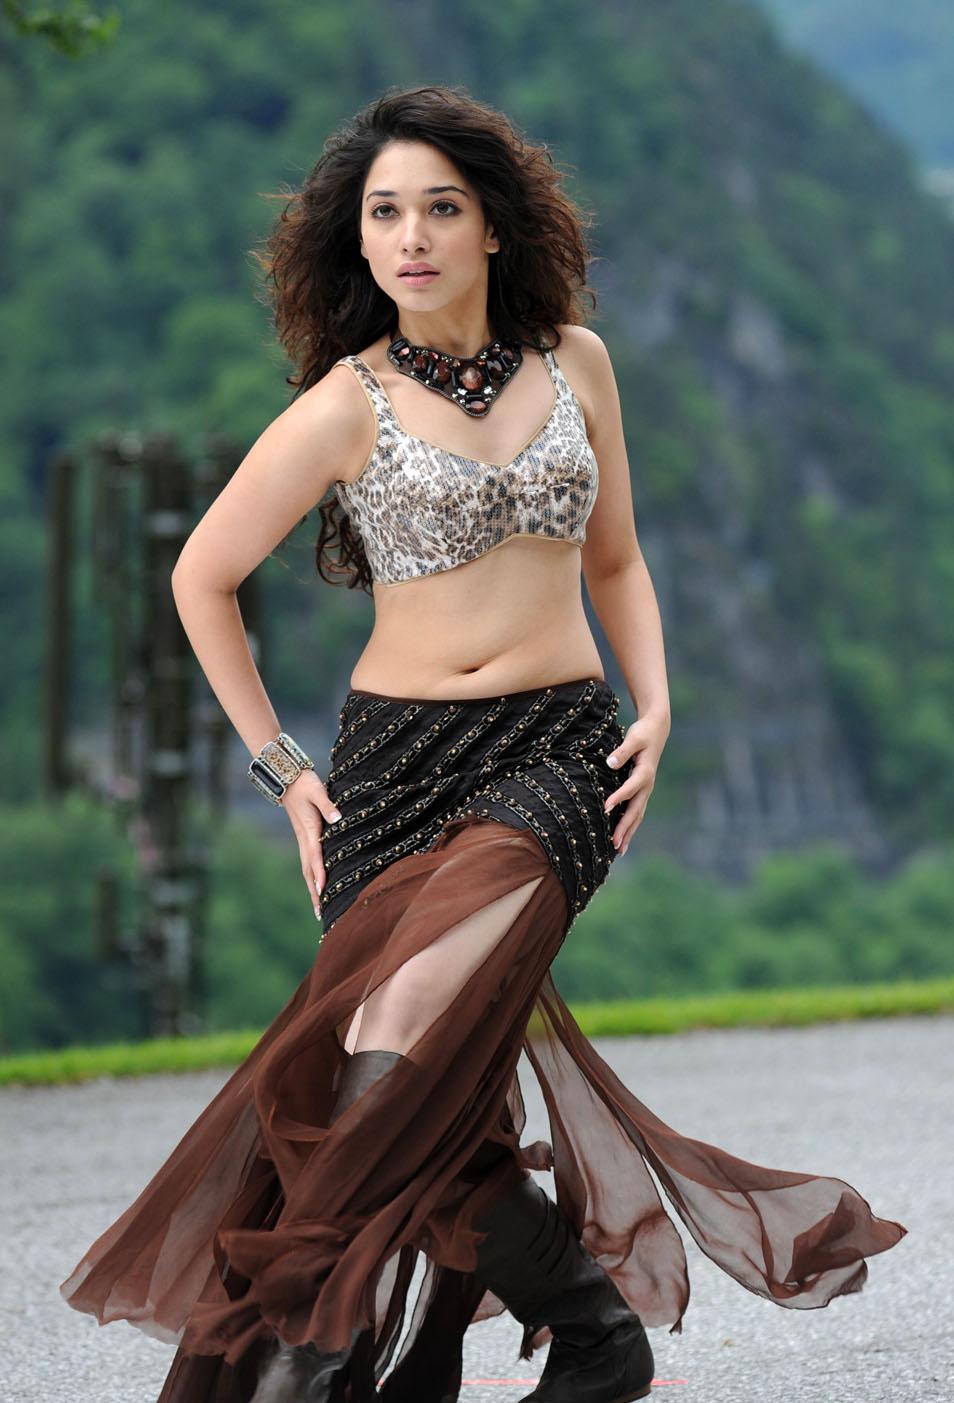 priyanka chopra hollywood movies hot photos wallpapers: tamannaah